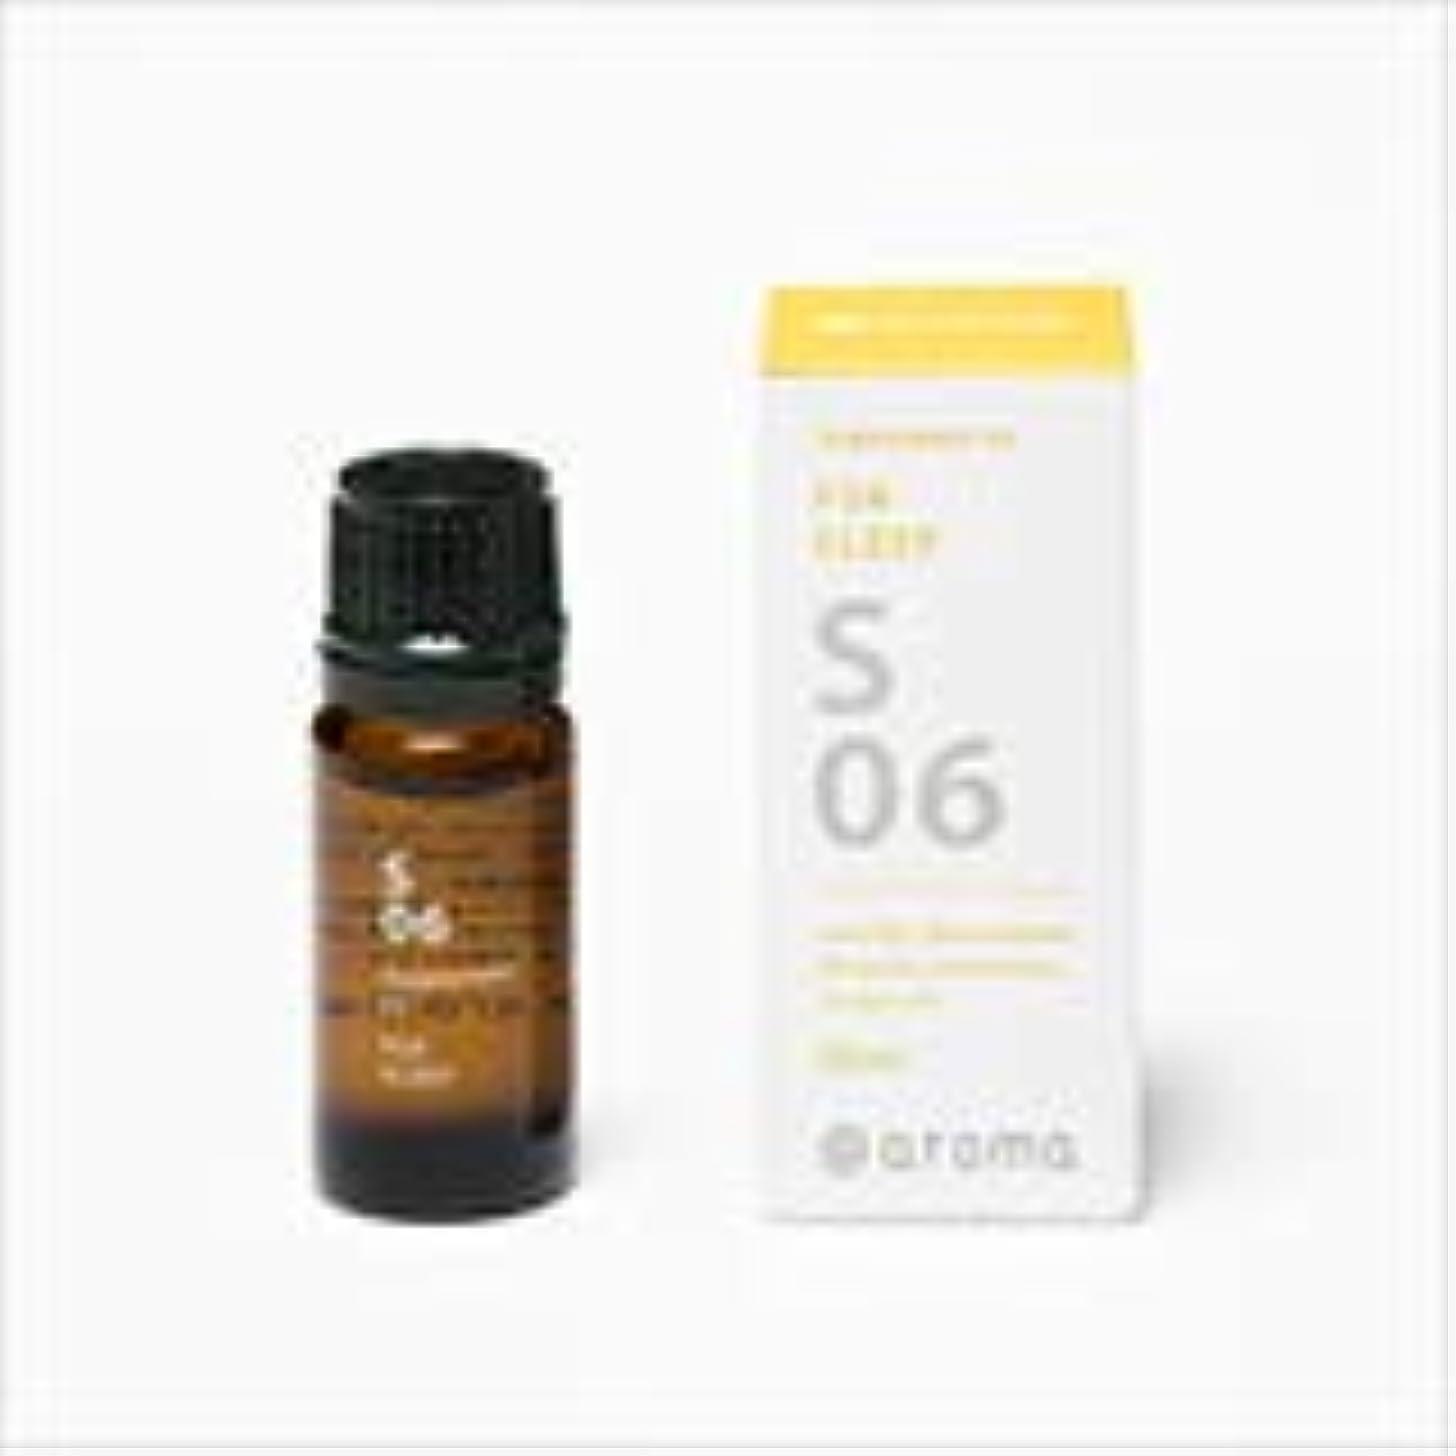 二層熱意ボアアットアロマ 100%pure essential oil <Supplement air リラックス&ビューティー>